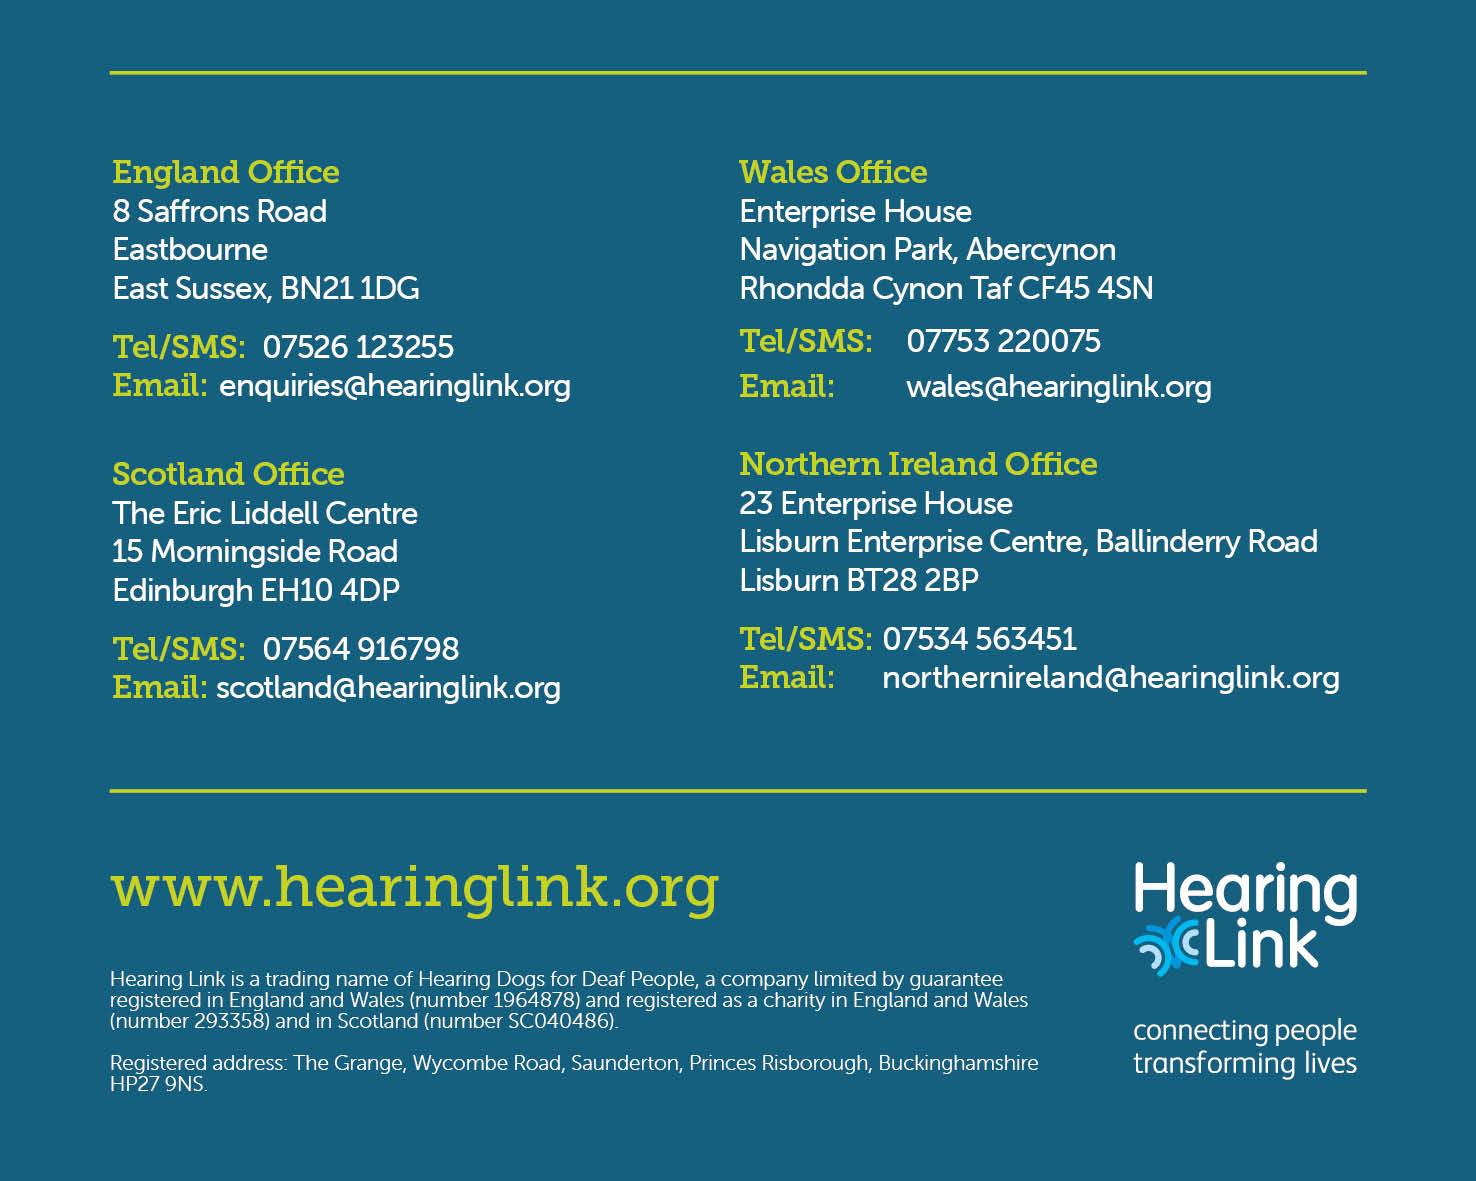 www.hearinglink.org